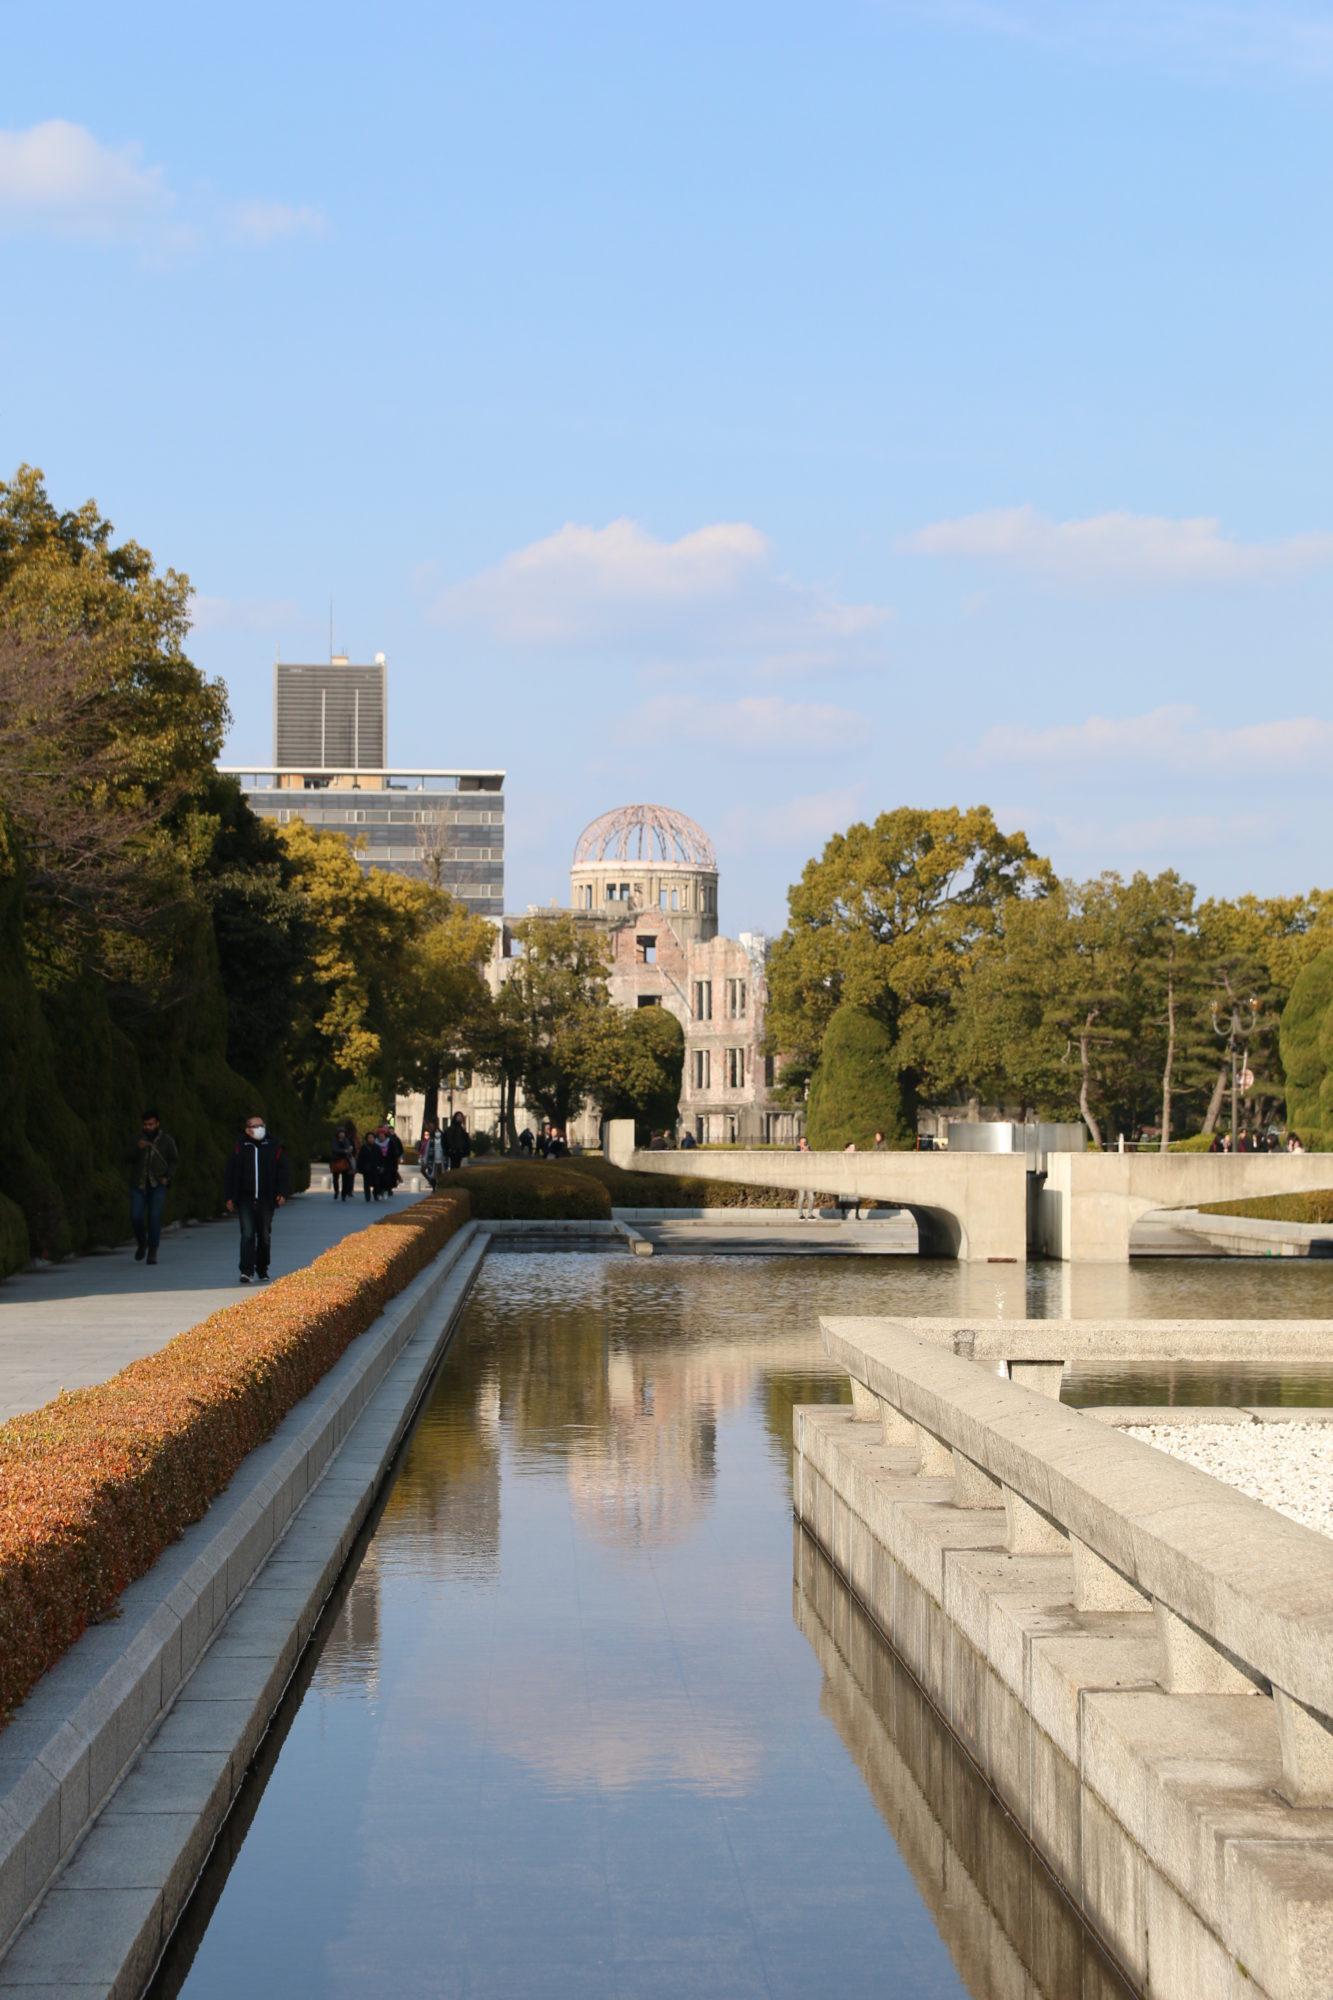 広島 原爆ドーム、平和公園、おりづるタワーを歩く